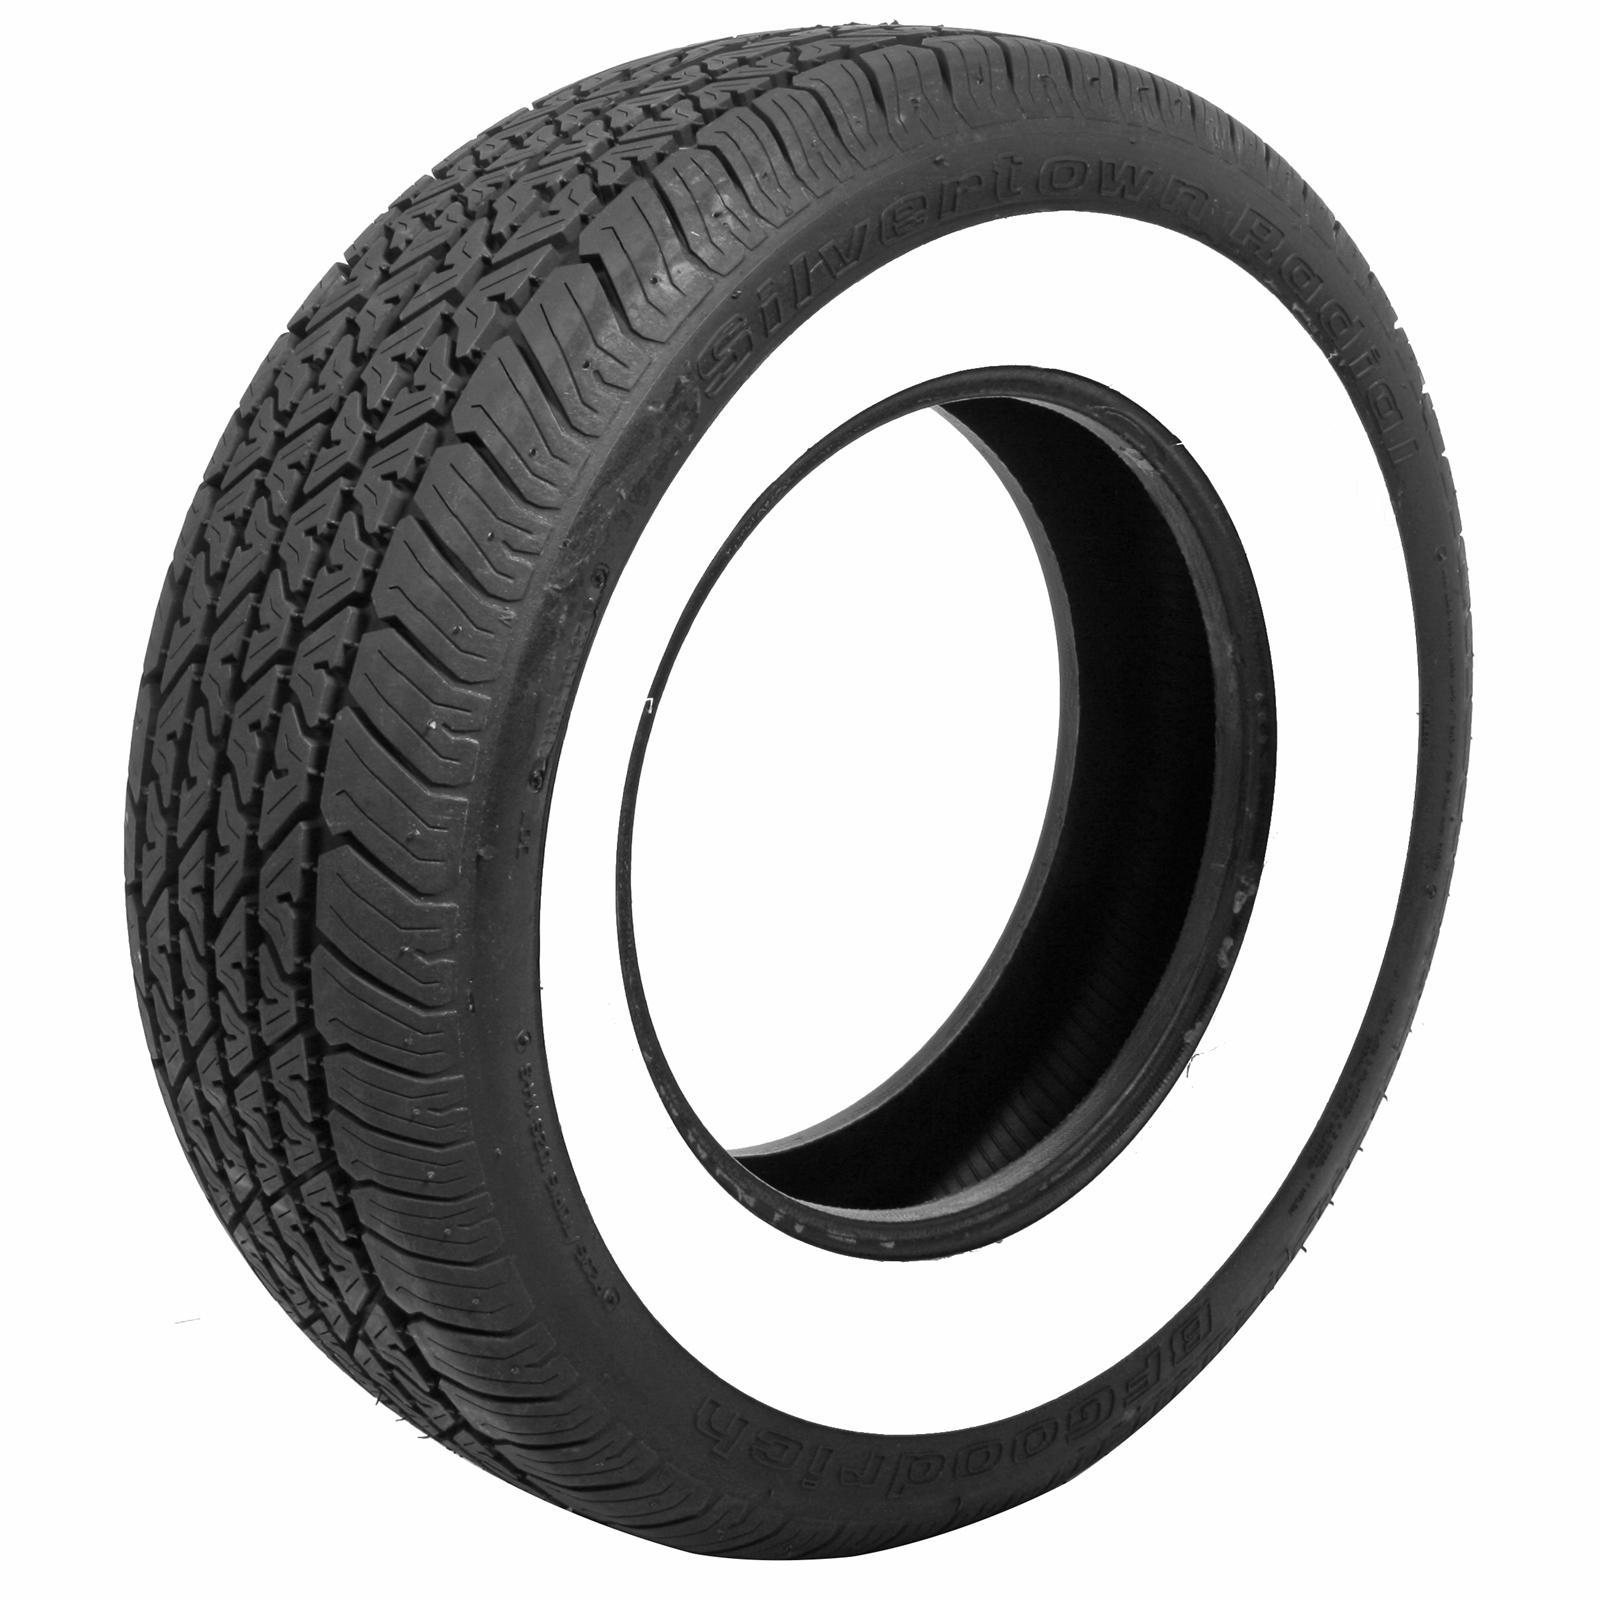 4 Coker BFGoodrich 2 750in Whitewall Silvertown Radial Tire 235 70